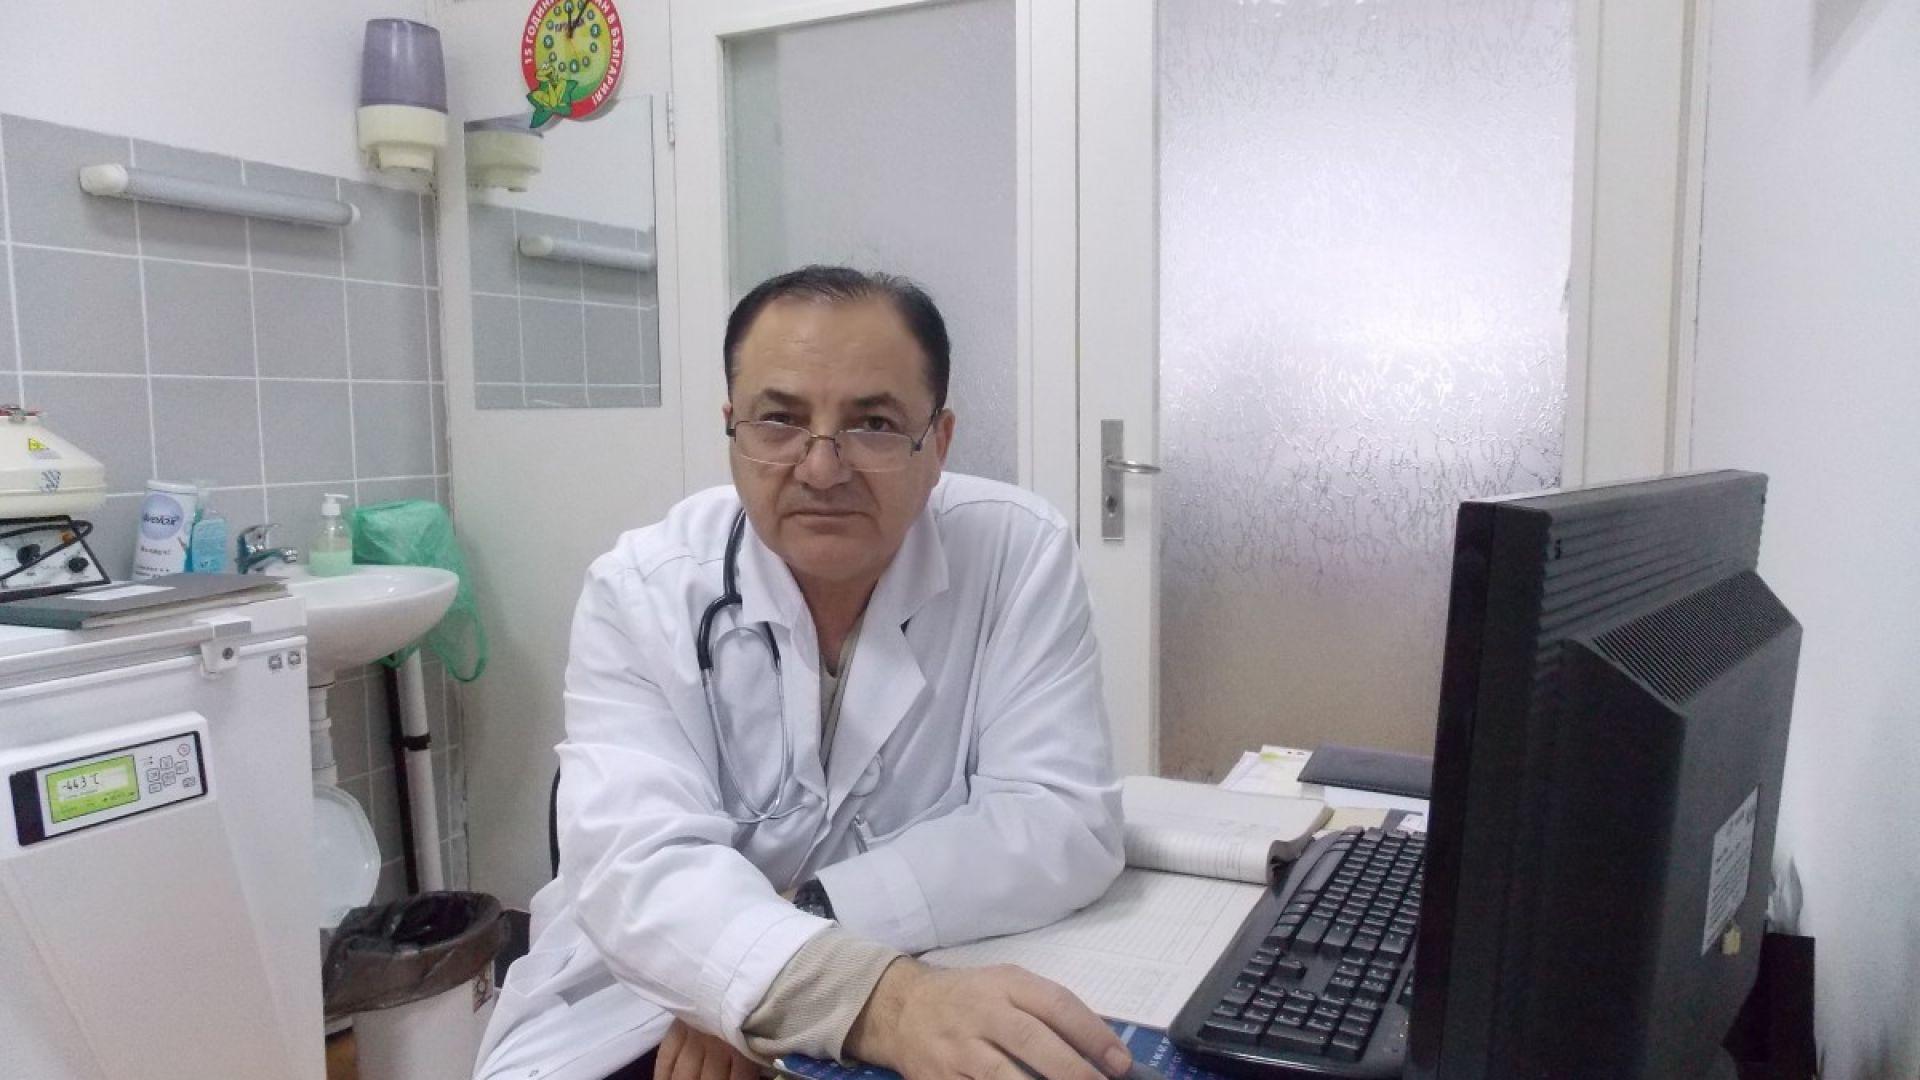 Срещу причинителя на Сovid-19 се нуждаем от интелигентен имуномодулатор